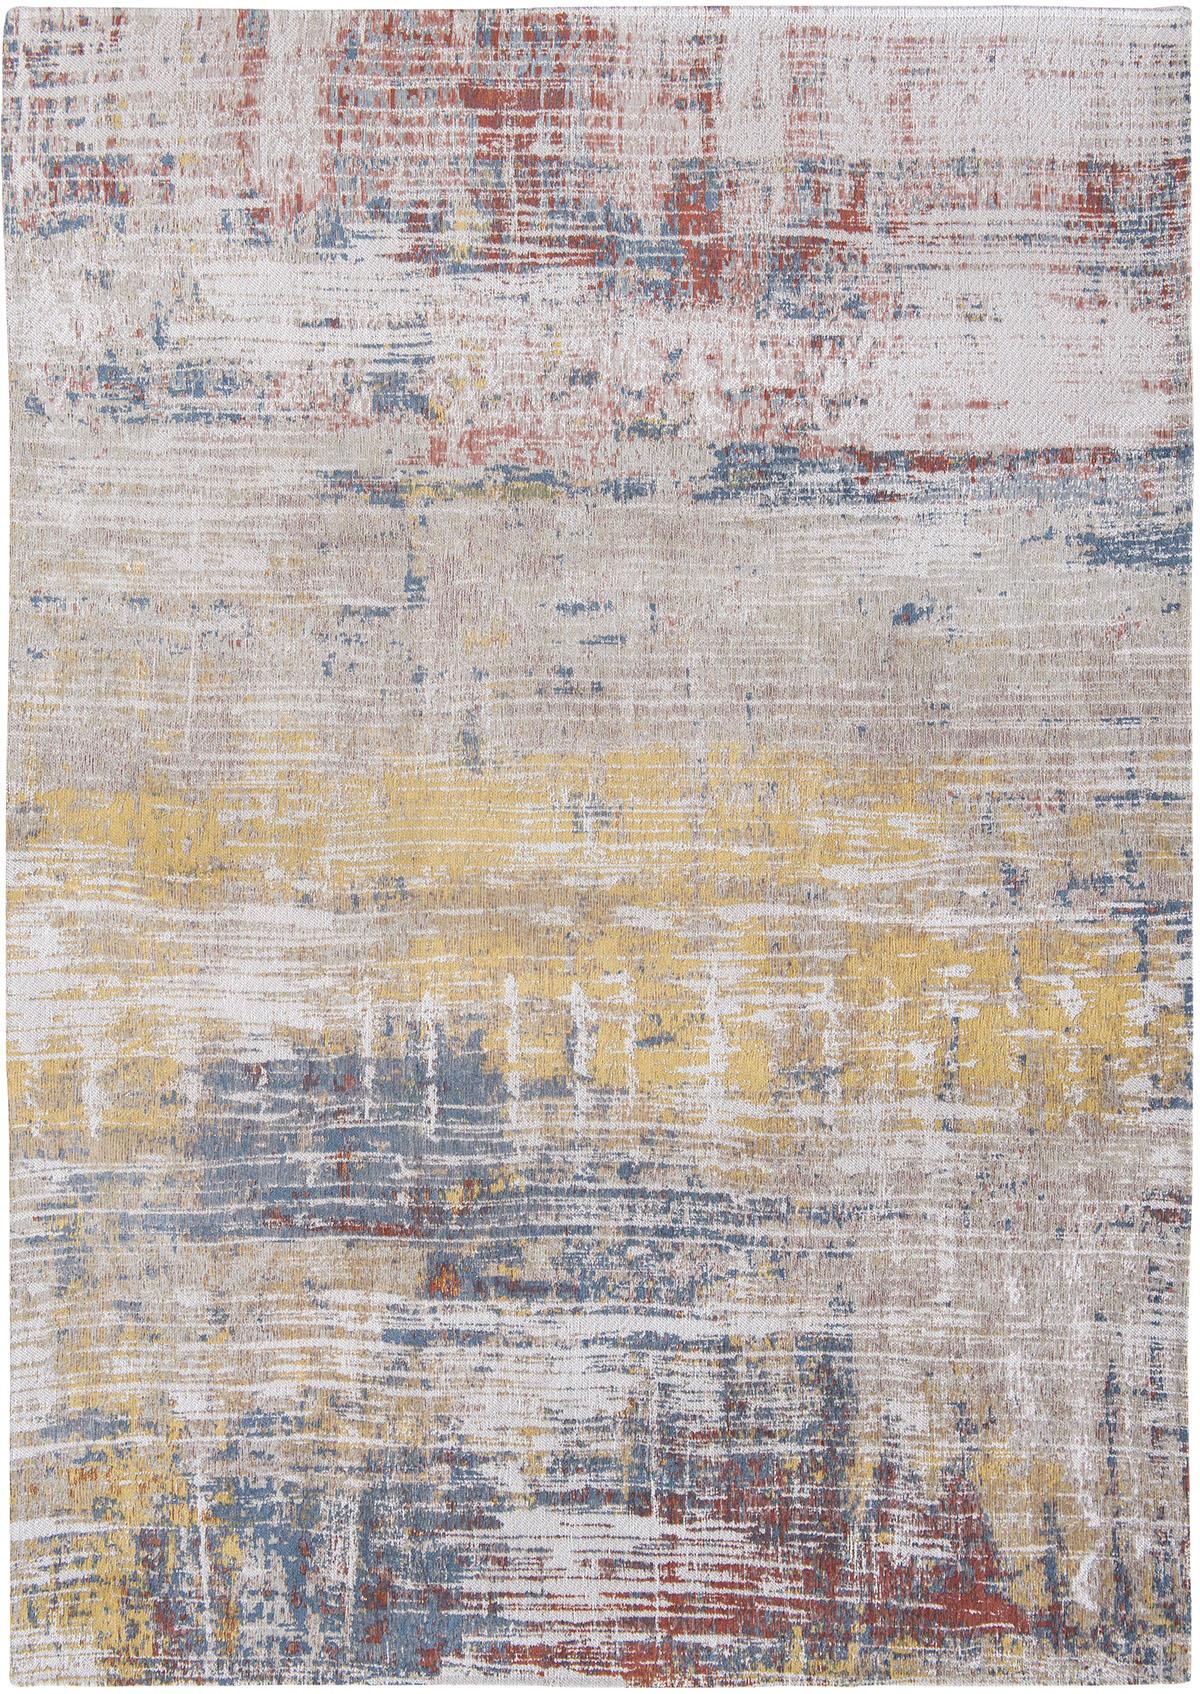 Kolorowy Dywan Nowoczesny - MONTAUK MULTI 8714 - Rozmiar: 80x150 cm